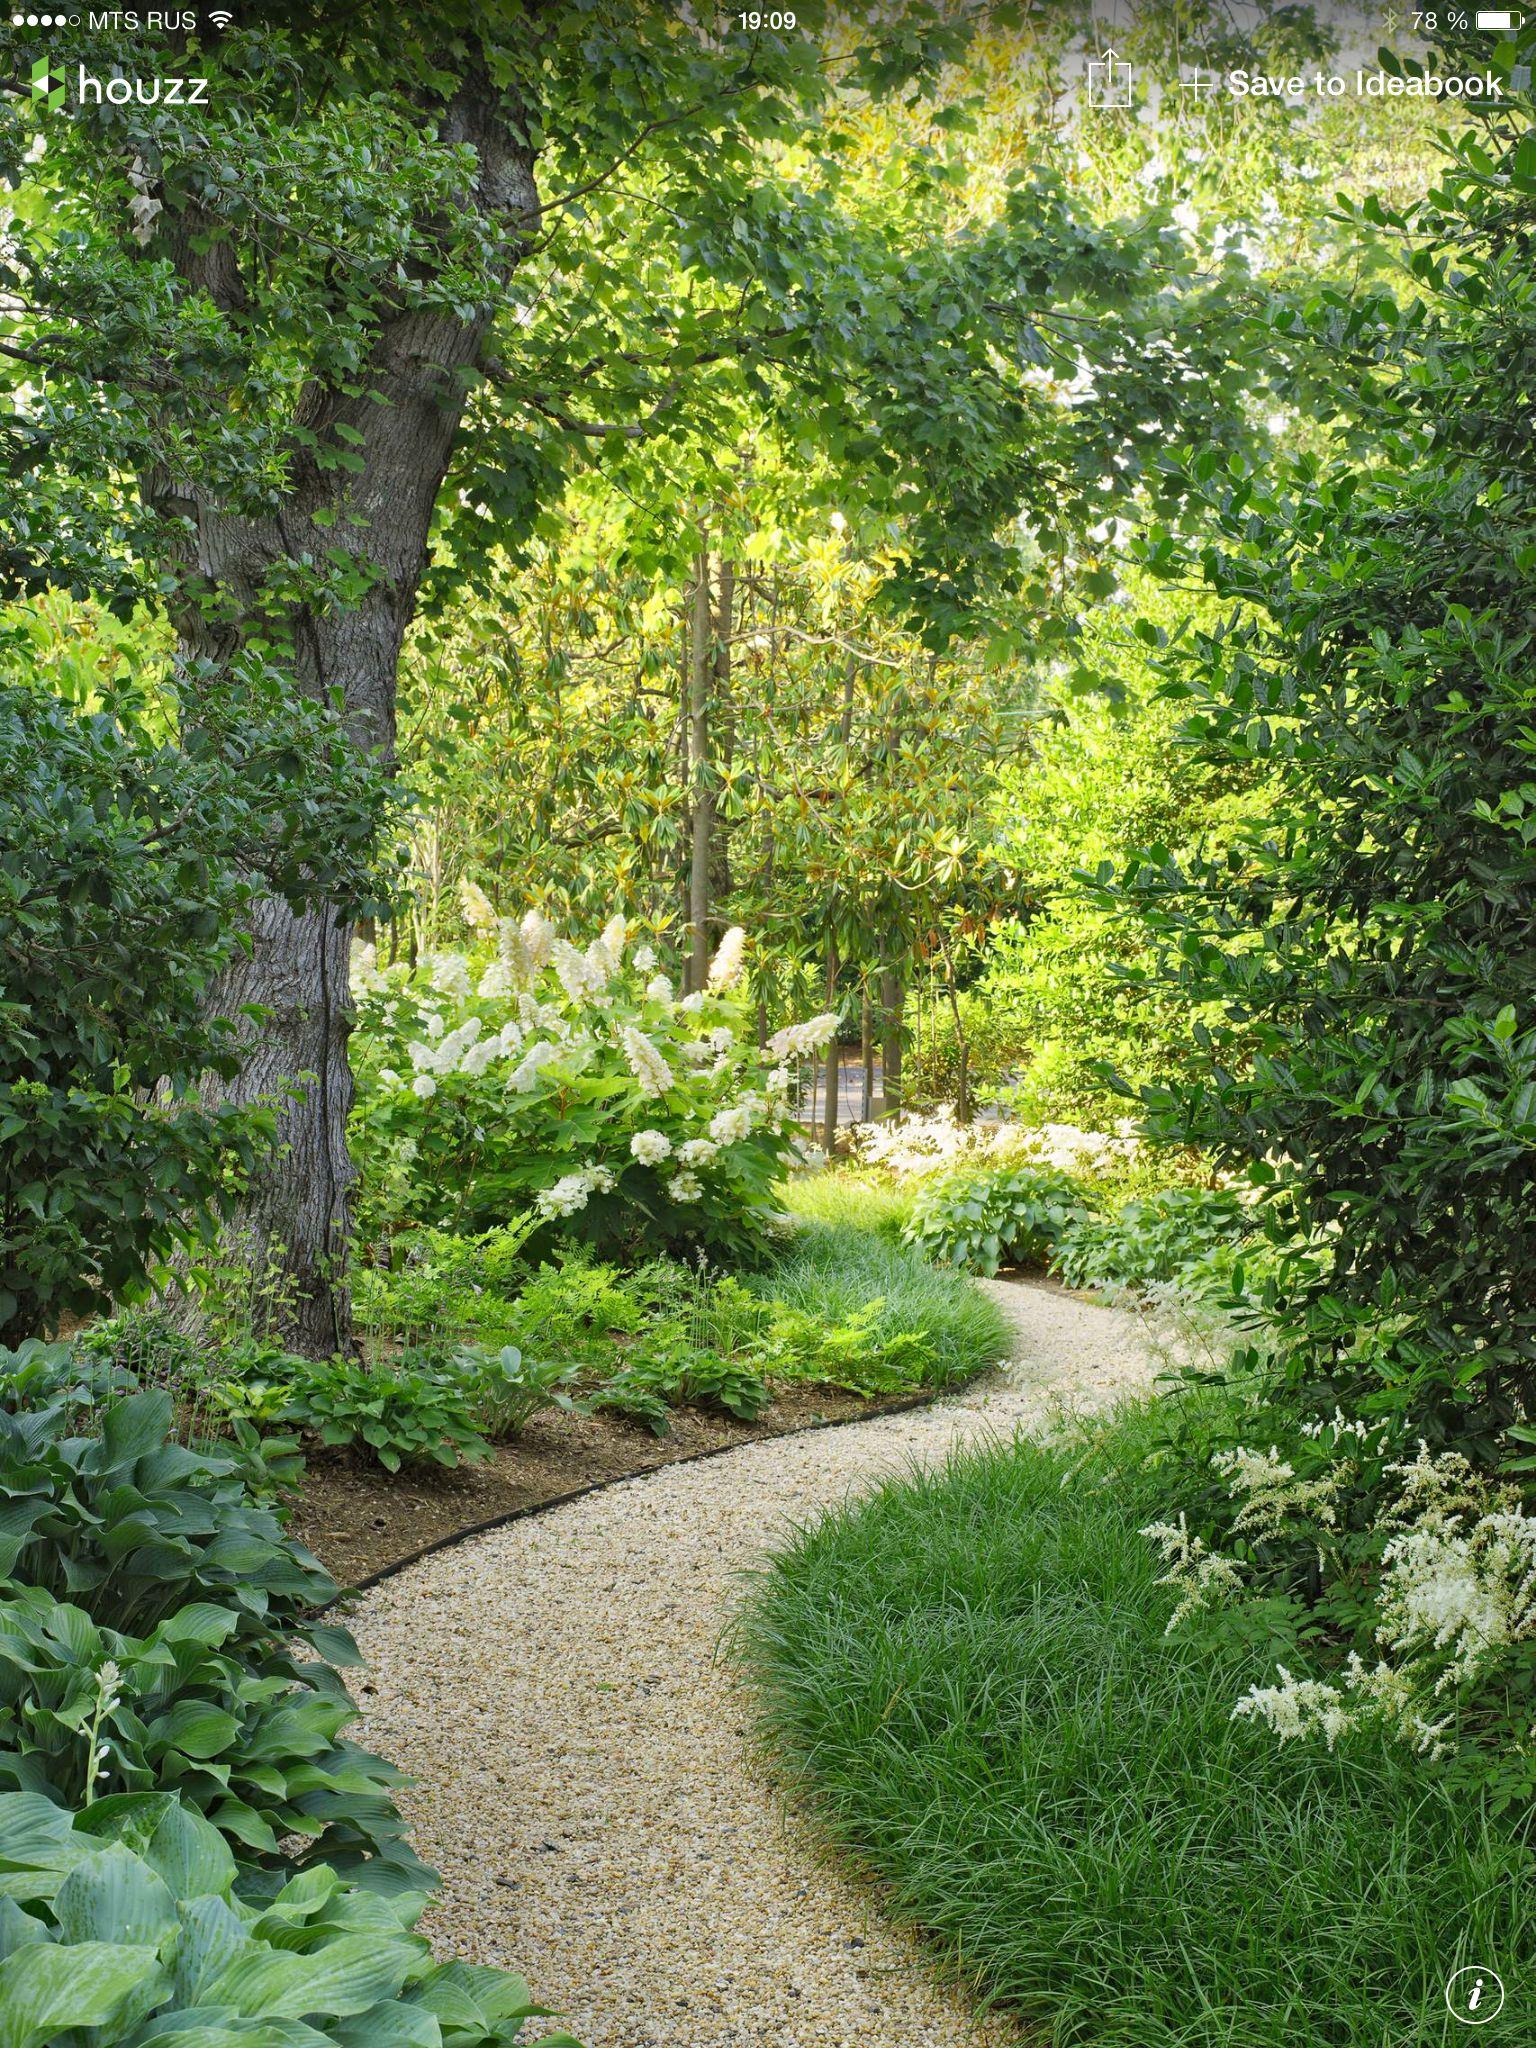 0d913988198db976302c83b37af0ac75 Unique De Amenagement Jardin Paysager Des Idées